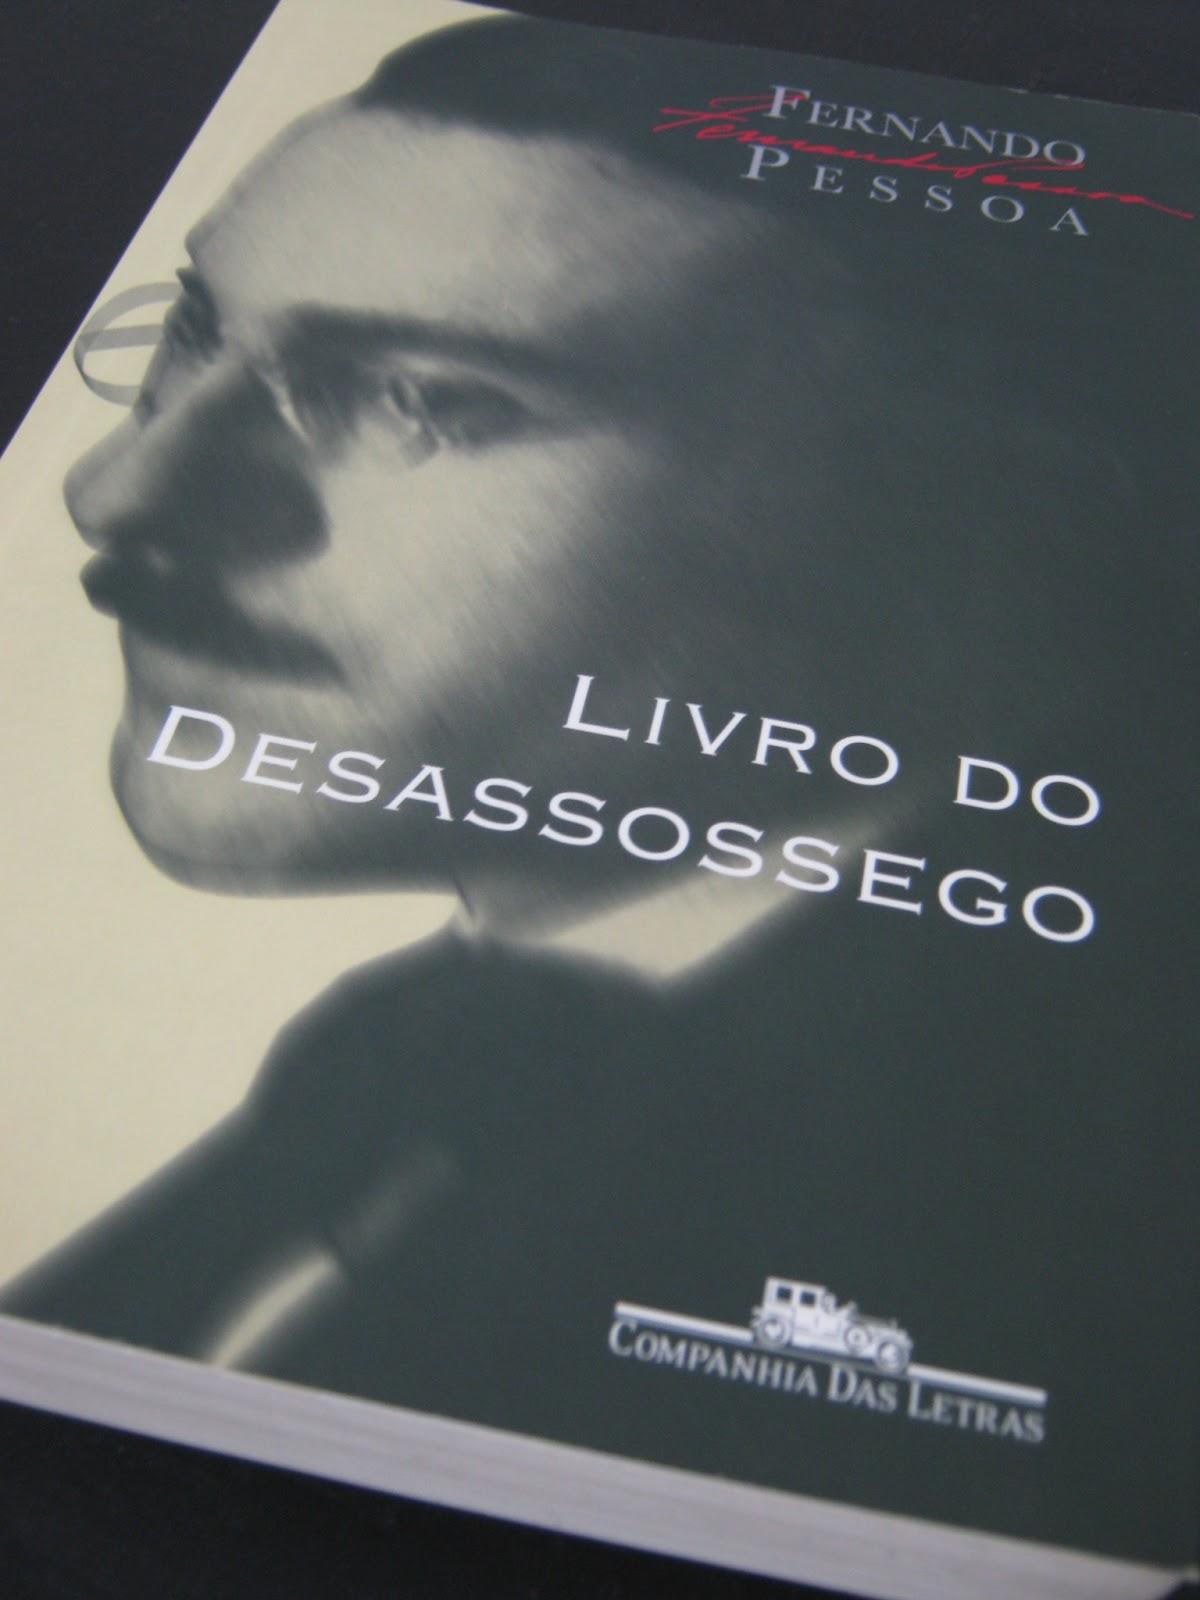 """Livraria em Oslo só vende """"Livro do Desassossego"""" de Pessoa - MoveNotícias"""